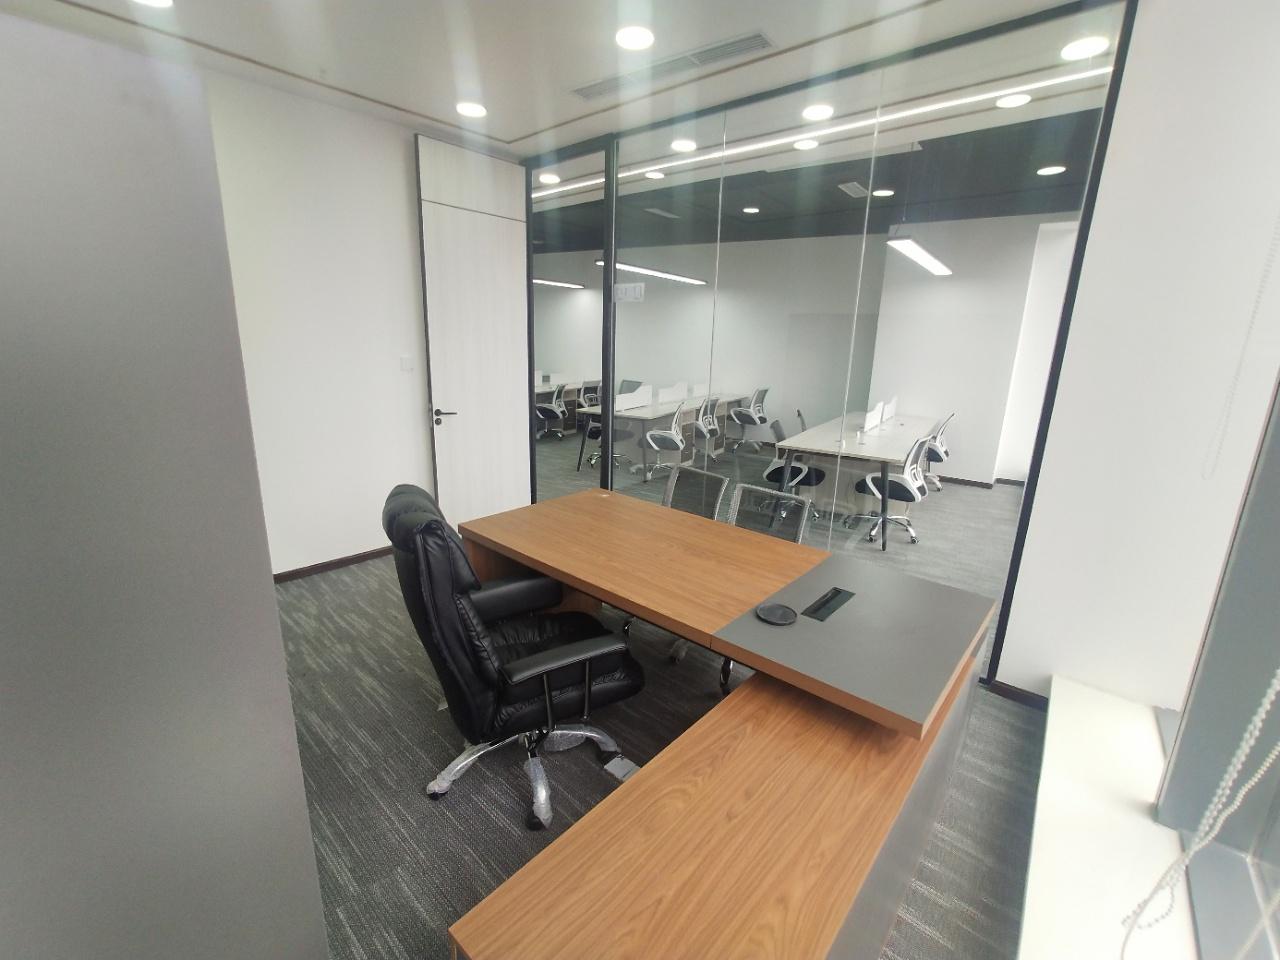 多弗国际 2隔间12工位 精装修带家具 近地铁 采光通透 甲级写字楼